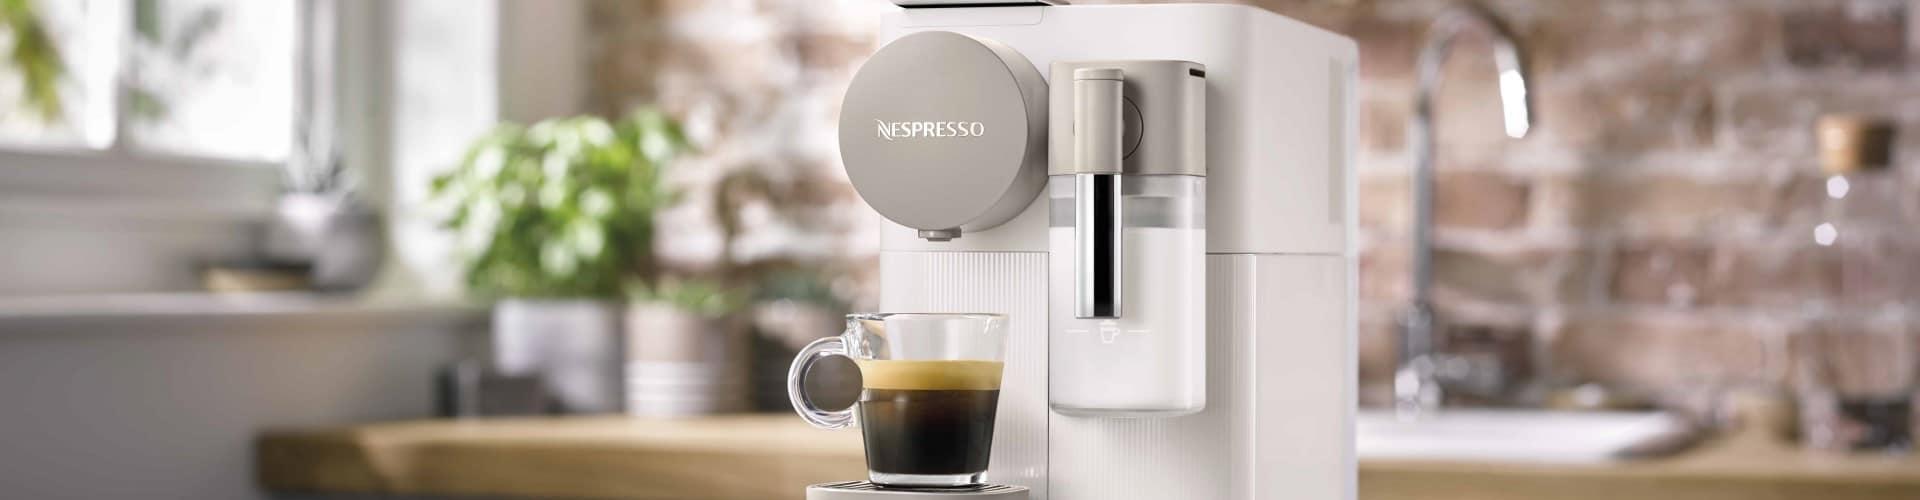 Best Nespresso Machines [Jun. 2020] – Detailed Reviews